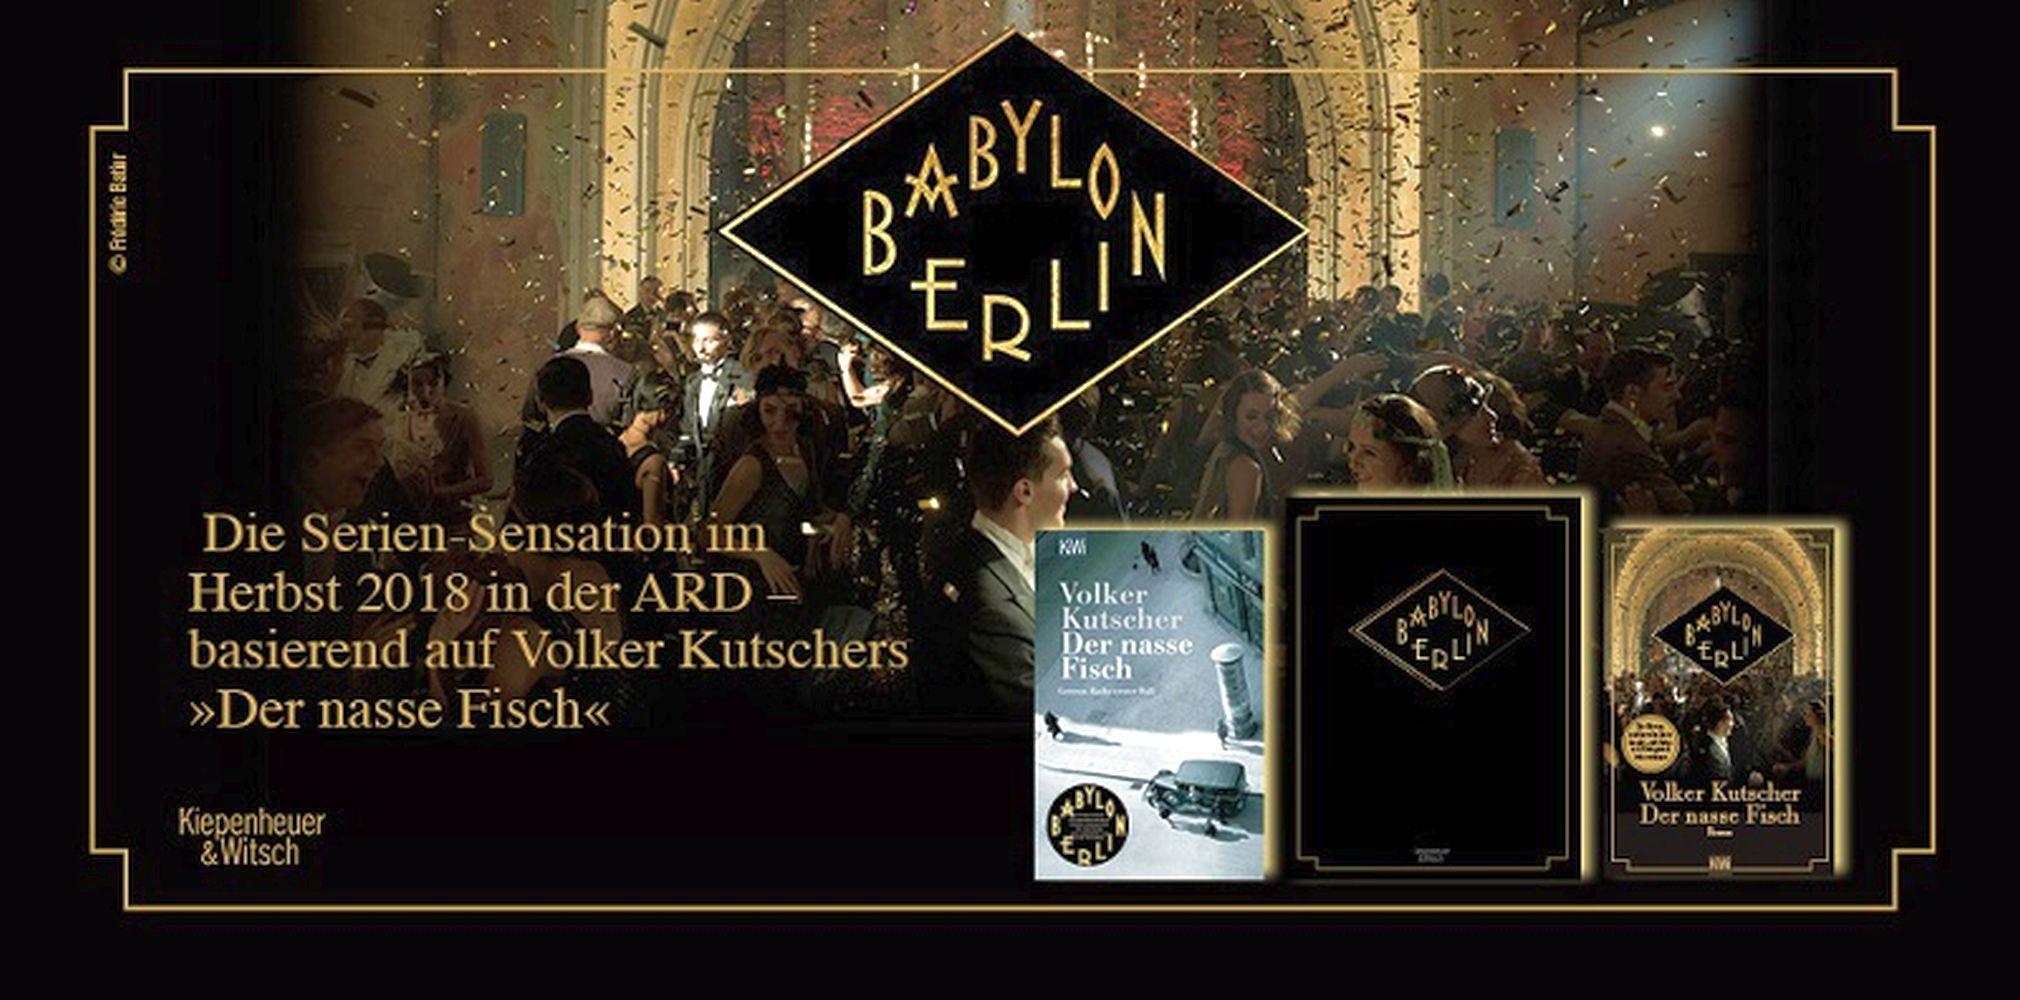 Bildquelle: Kiepenheuer&Wisch